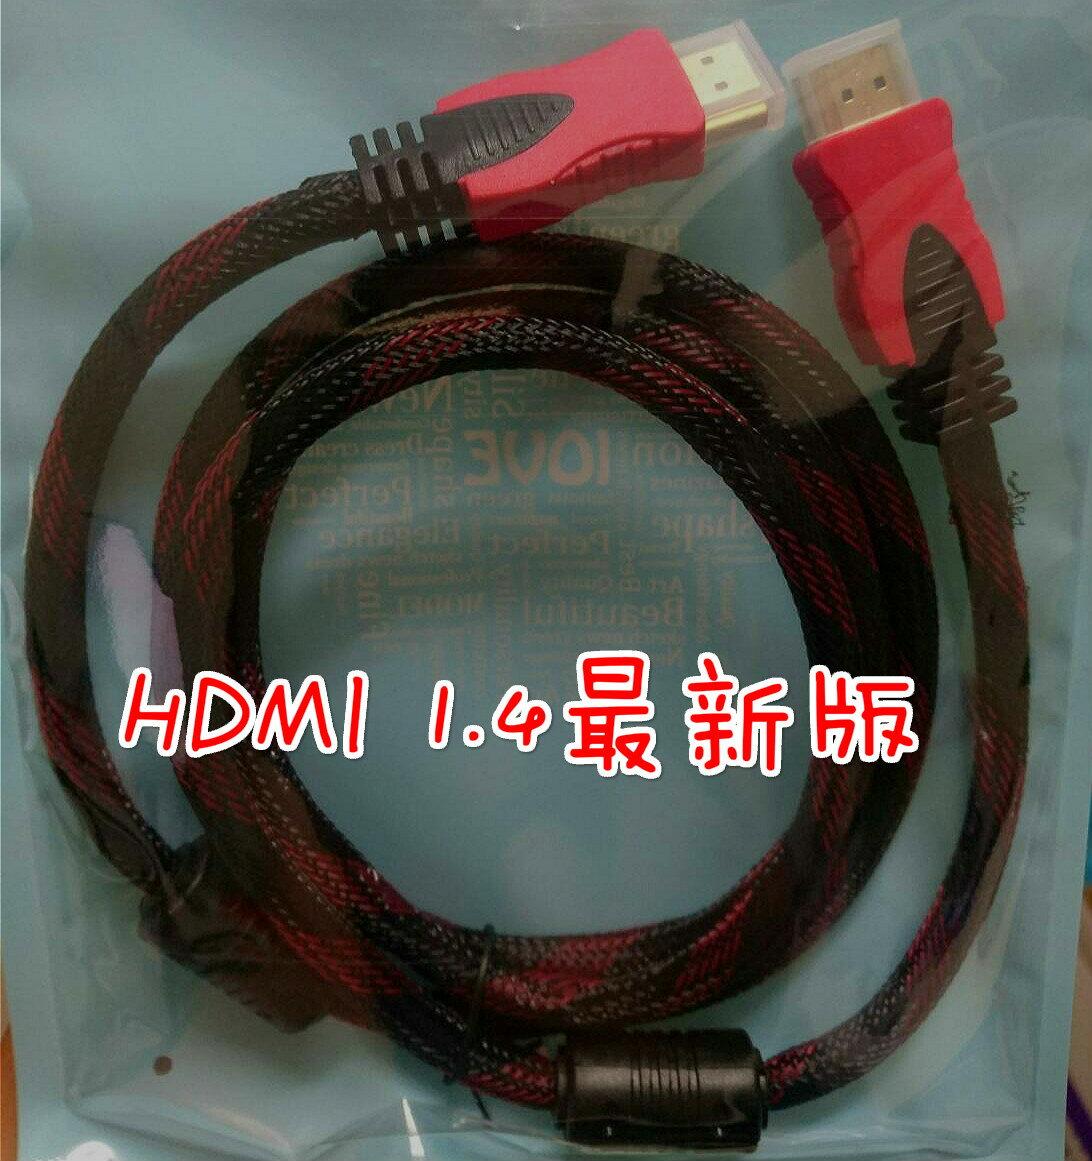 ❤含發票❤團購價❤HDMI❤HDMI1.4新版HDMI1.5m傳輸線高畫質電視DV筆記型電腦攝影機單眼相機電腦液晶電視LCD電視